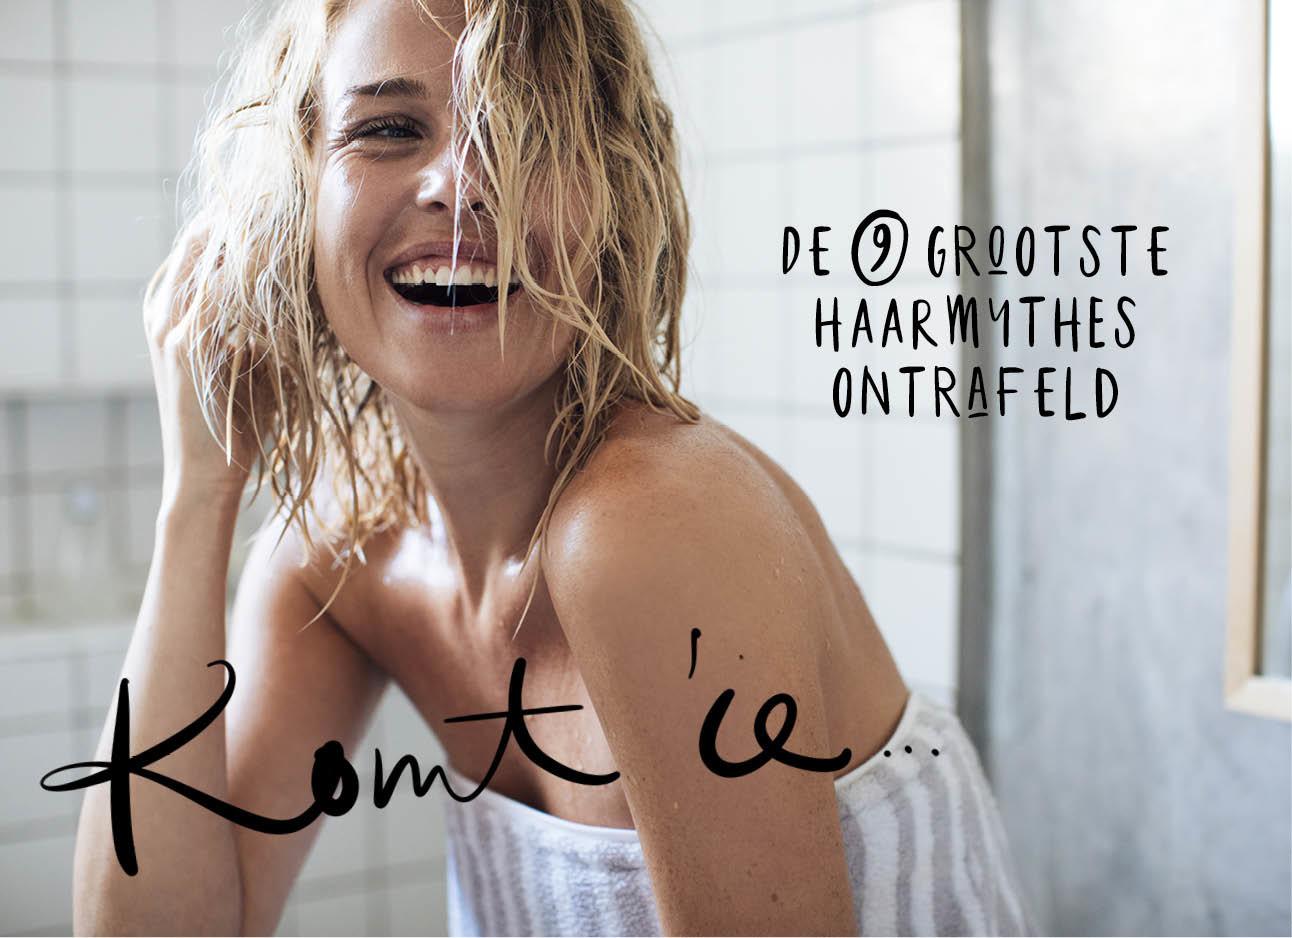 blonde vrouw na het douchen in een handoek, nat haar, lachend, de 9 grootste haarmuthes ontrafeld, komt ie